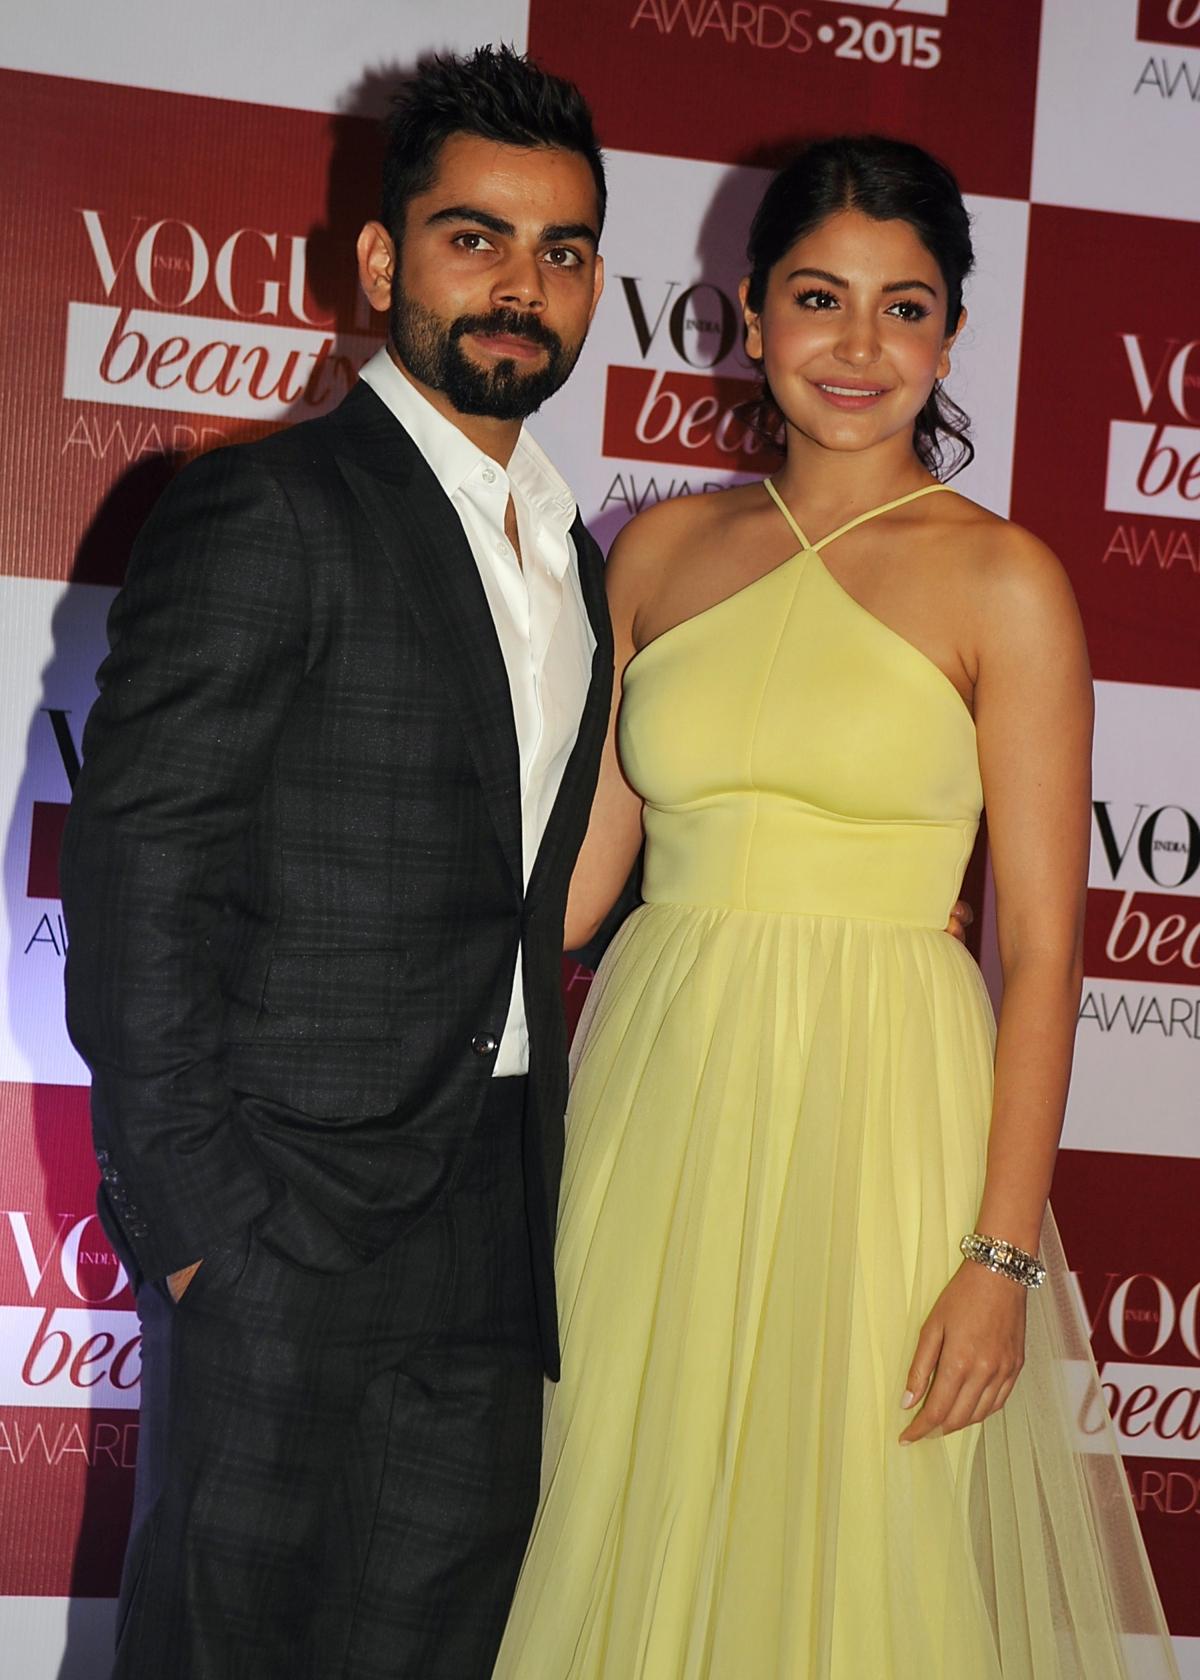 Indian Bollywood actress Anushka Sharma and Indian cricketer Virat Kohli